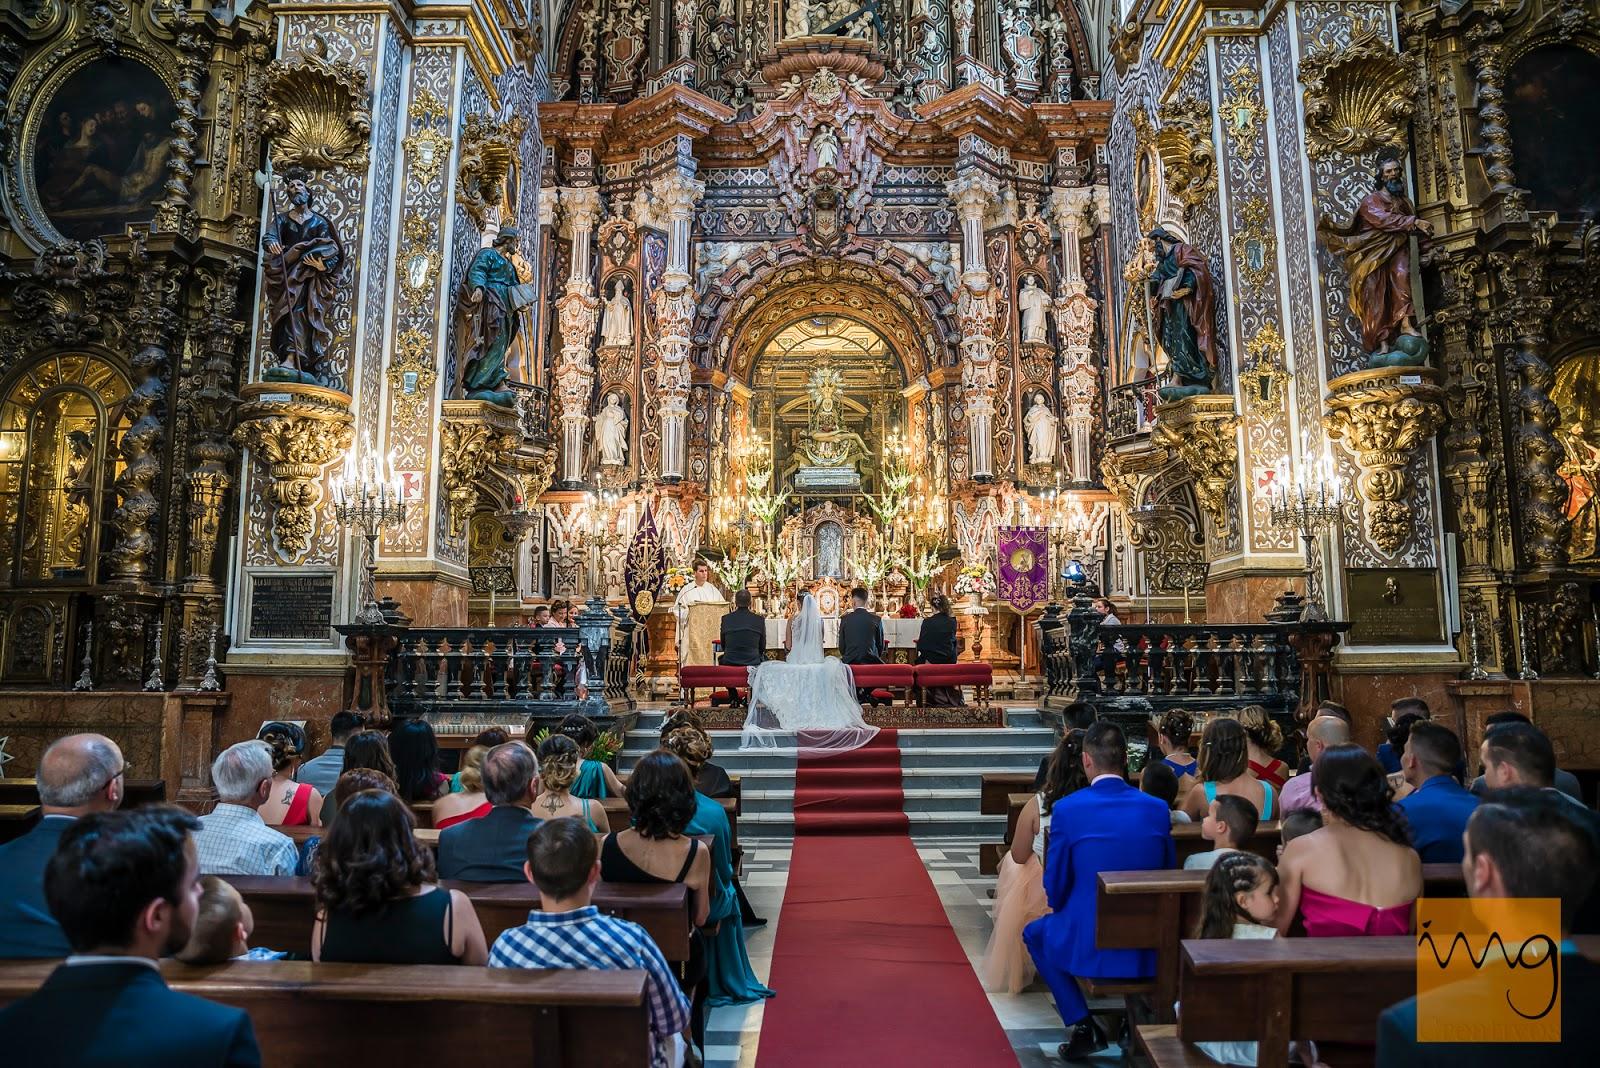 Fotografía de la Iglesia Virgen de las Angustias el dia de la boda